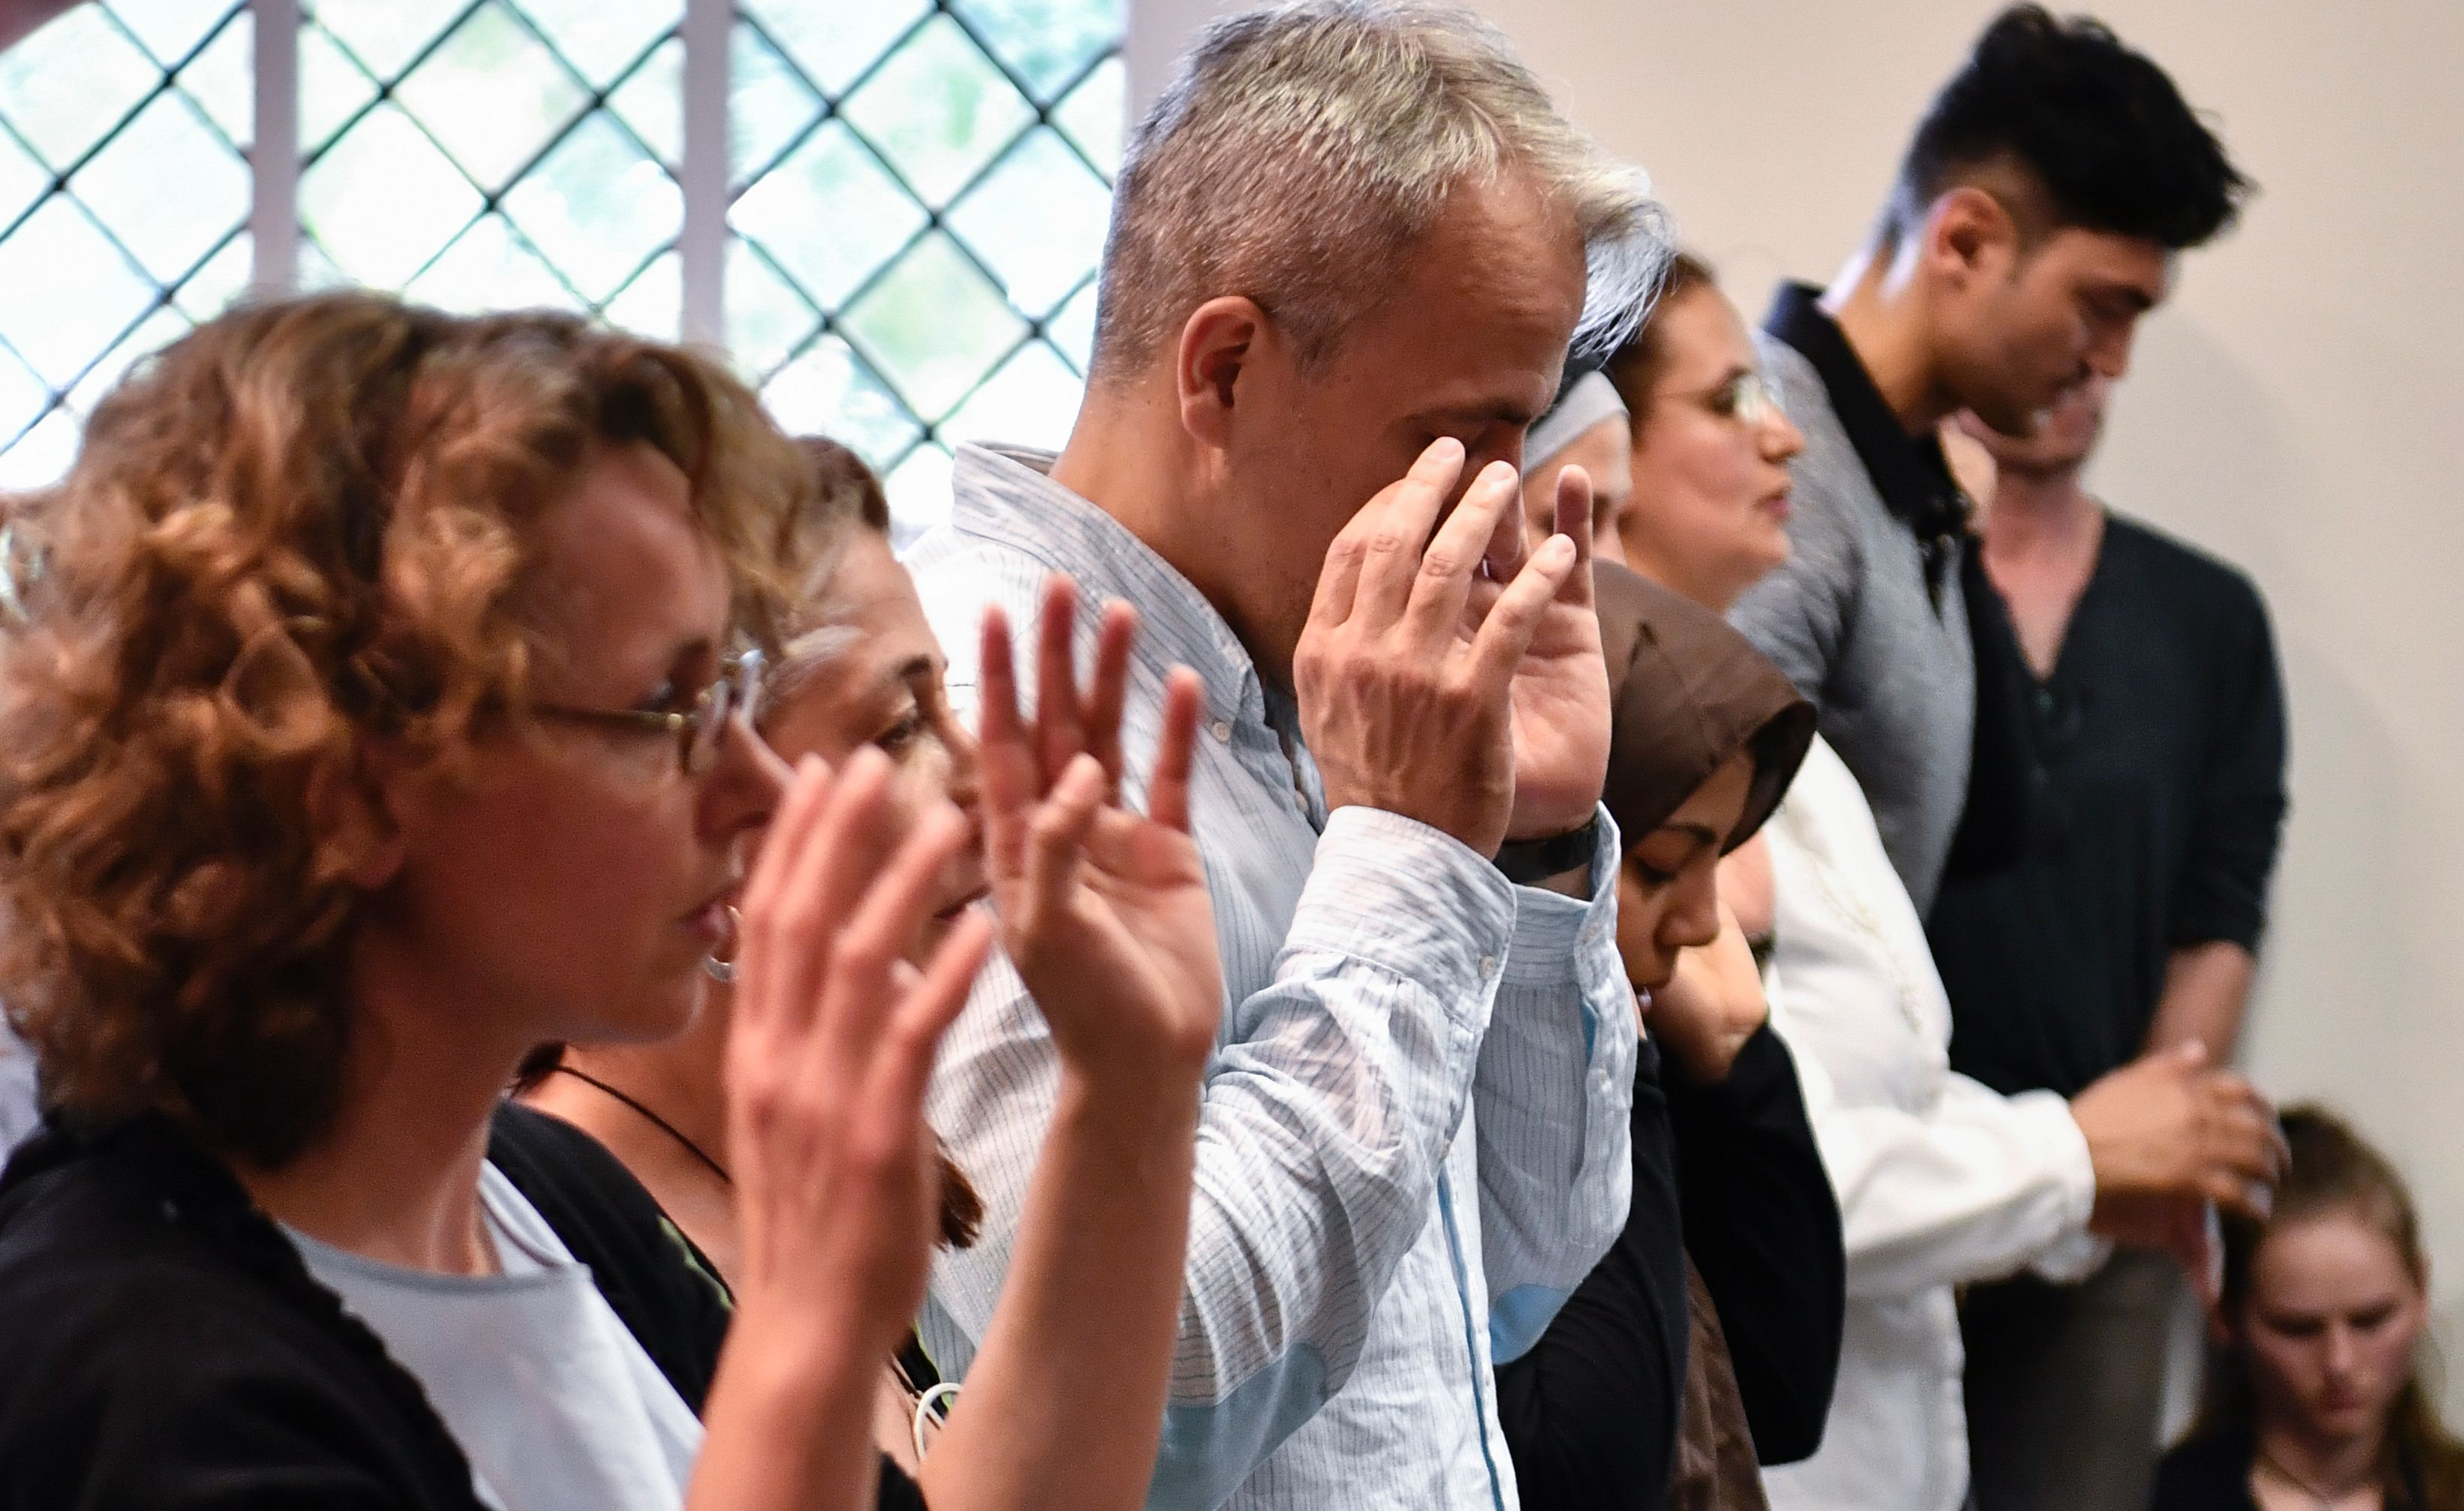 السيدات والرجال إلى جوار بعضهما فى الصلاة